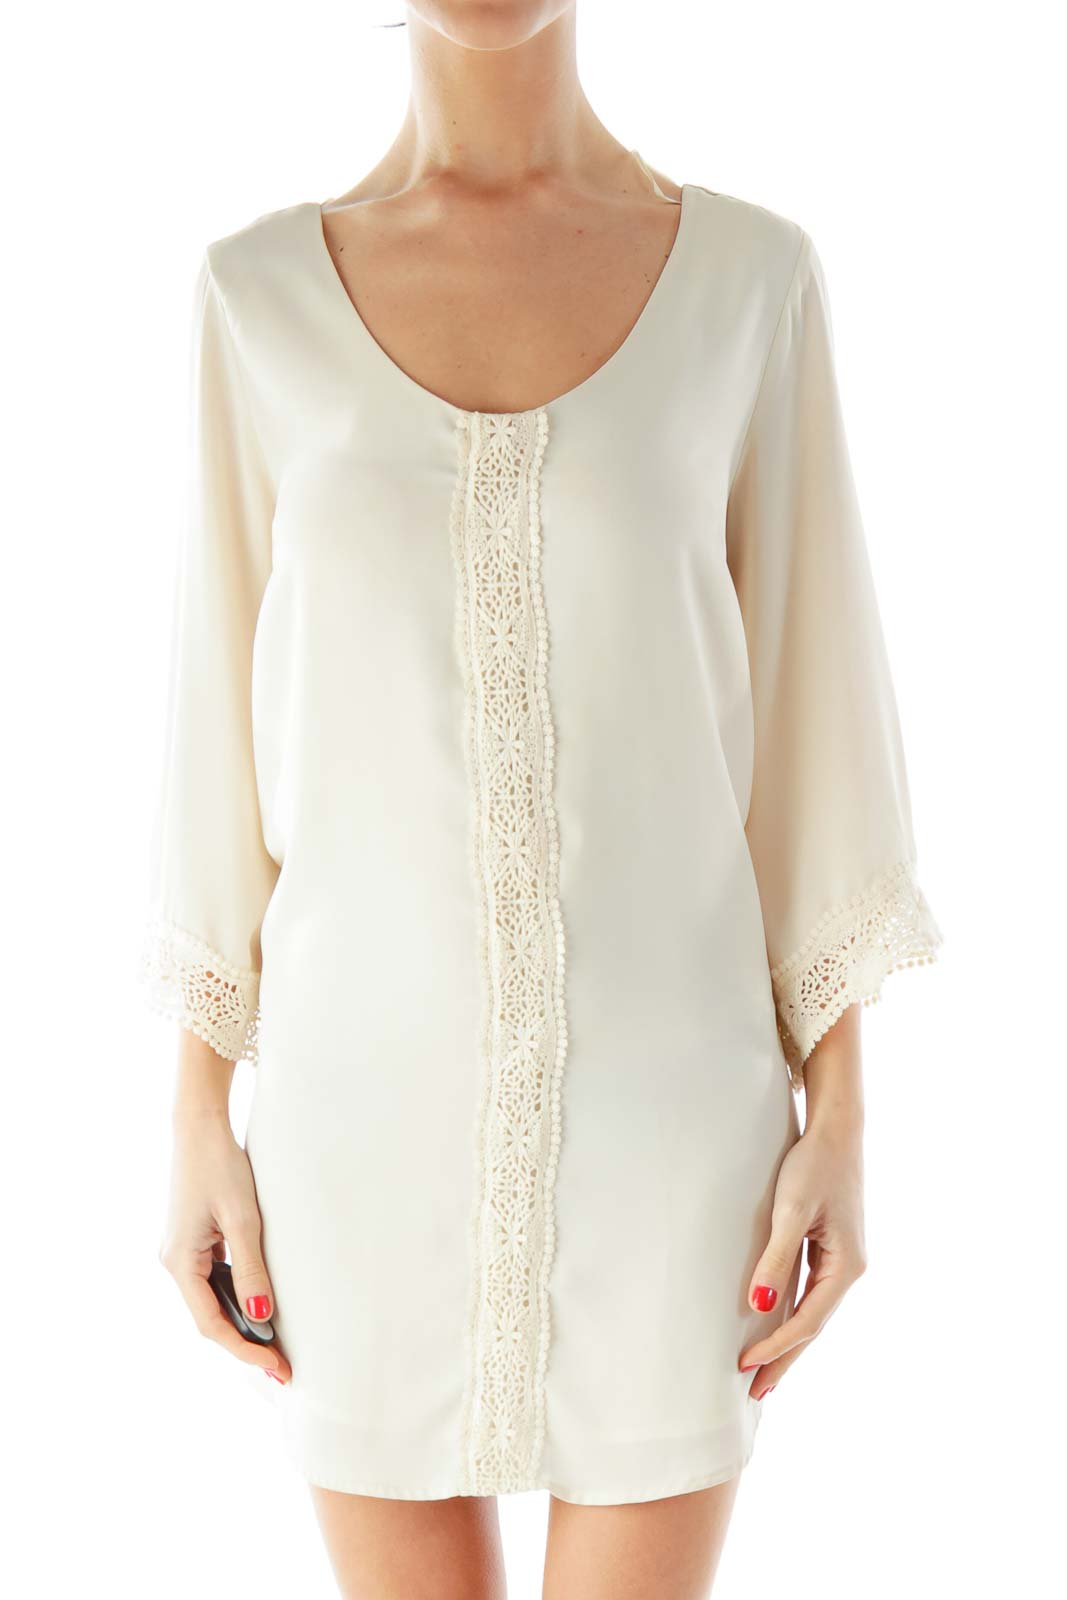 Cream Crochet Dress Front